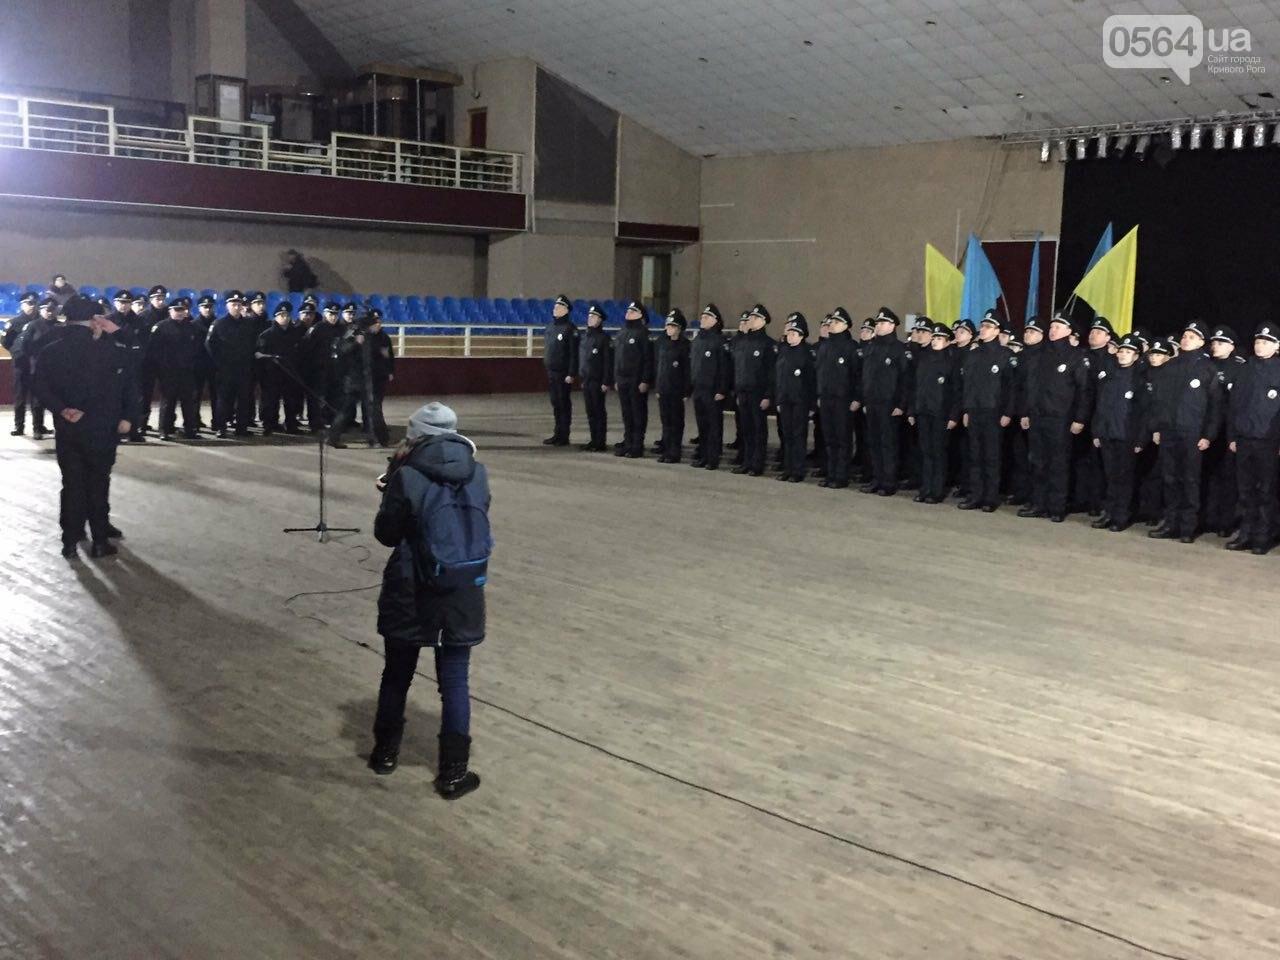 В криворожской полицейской семье пополнение -  65 человек присягнули на верность украинскому народу (ФОТО), фото-7